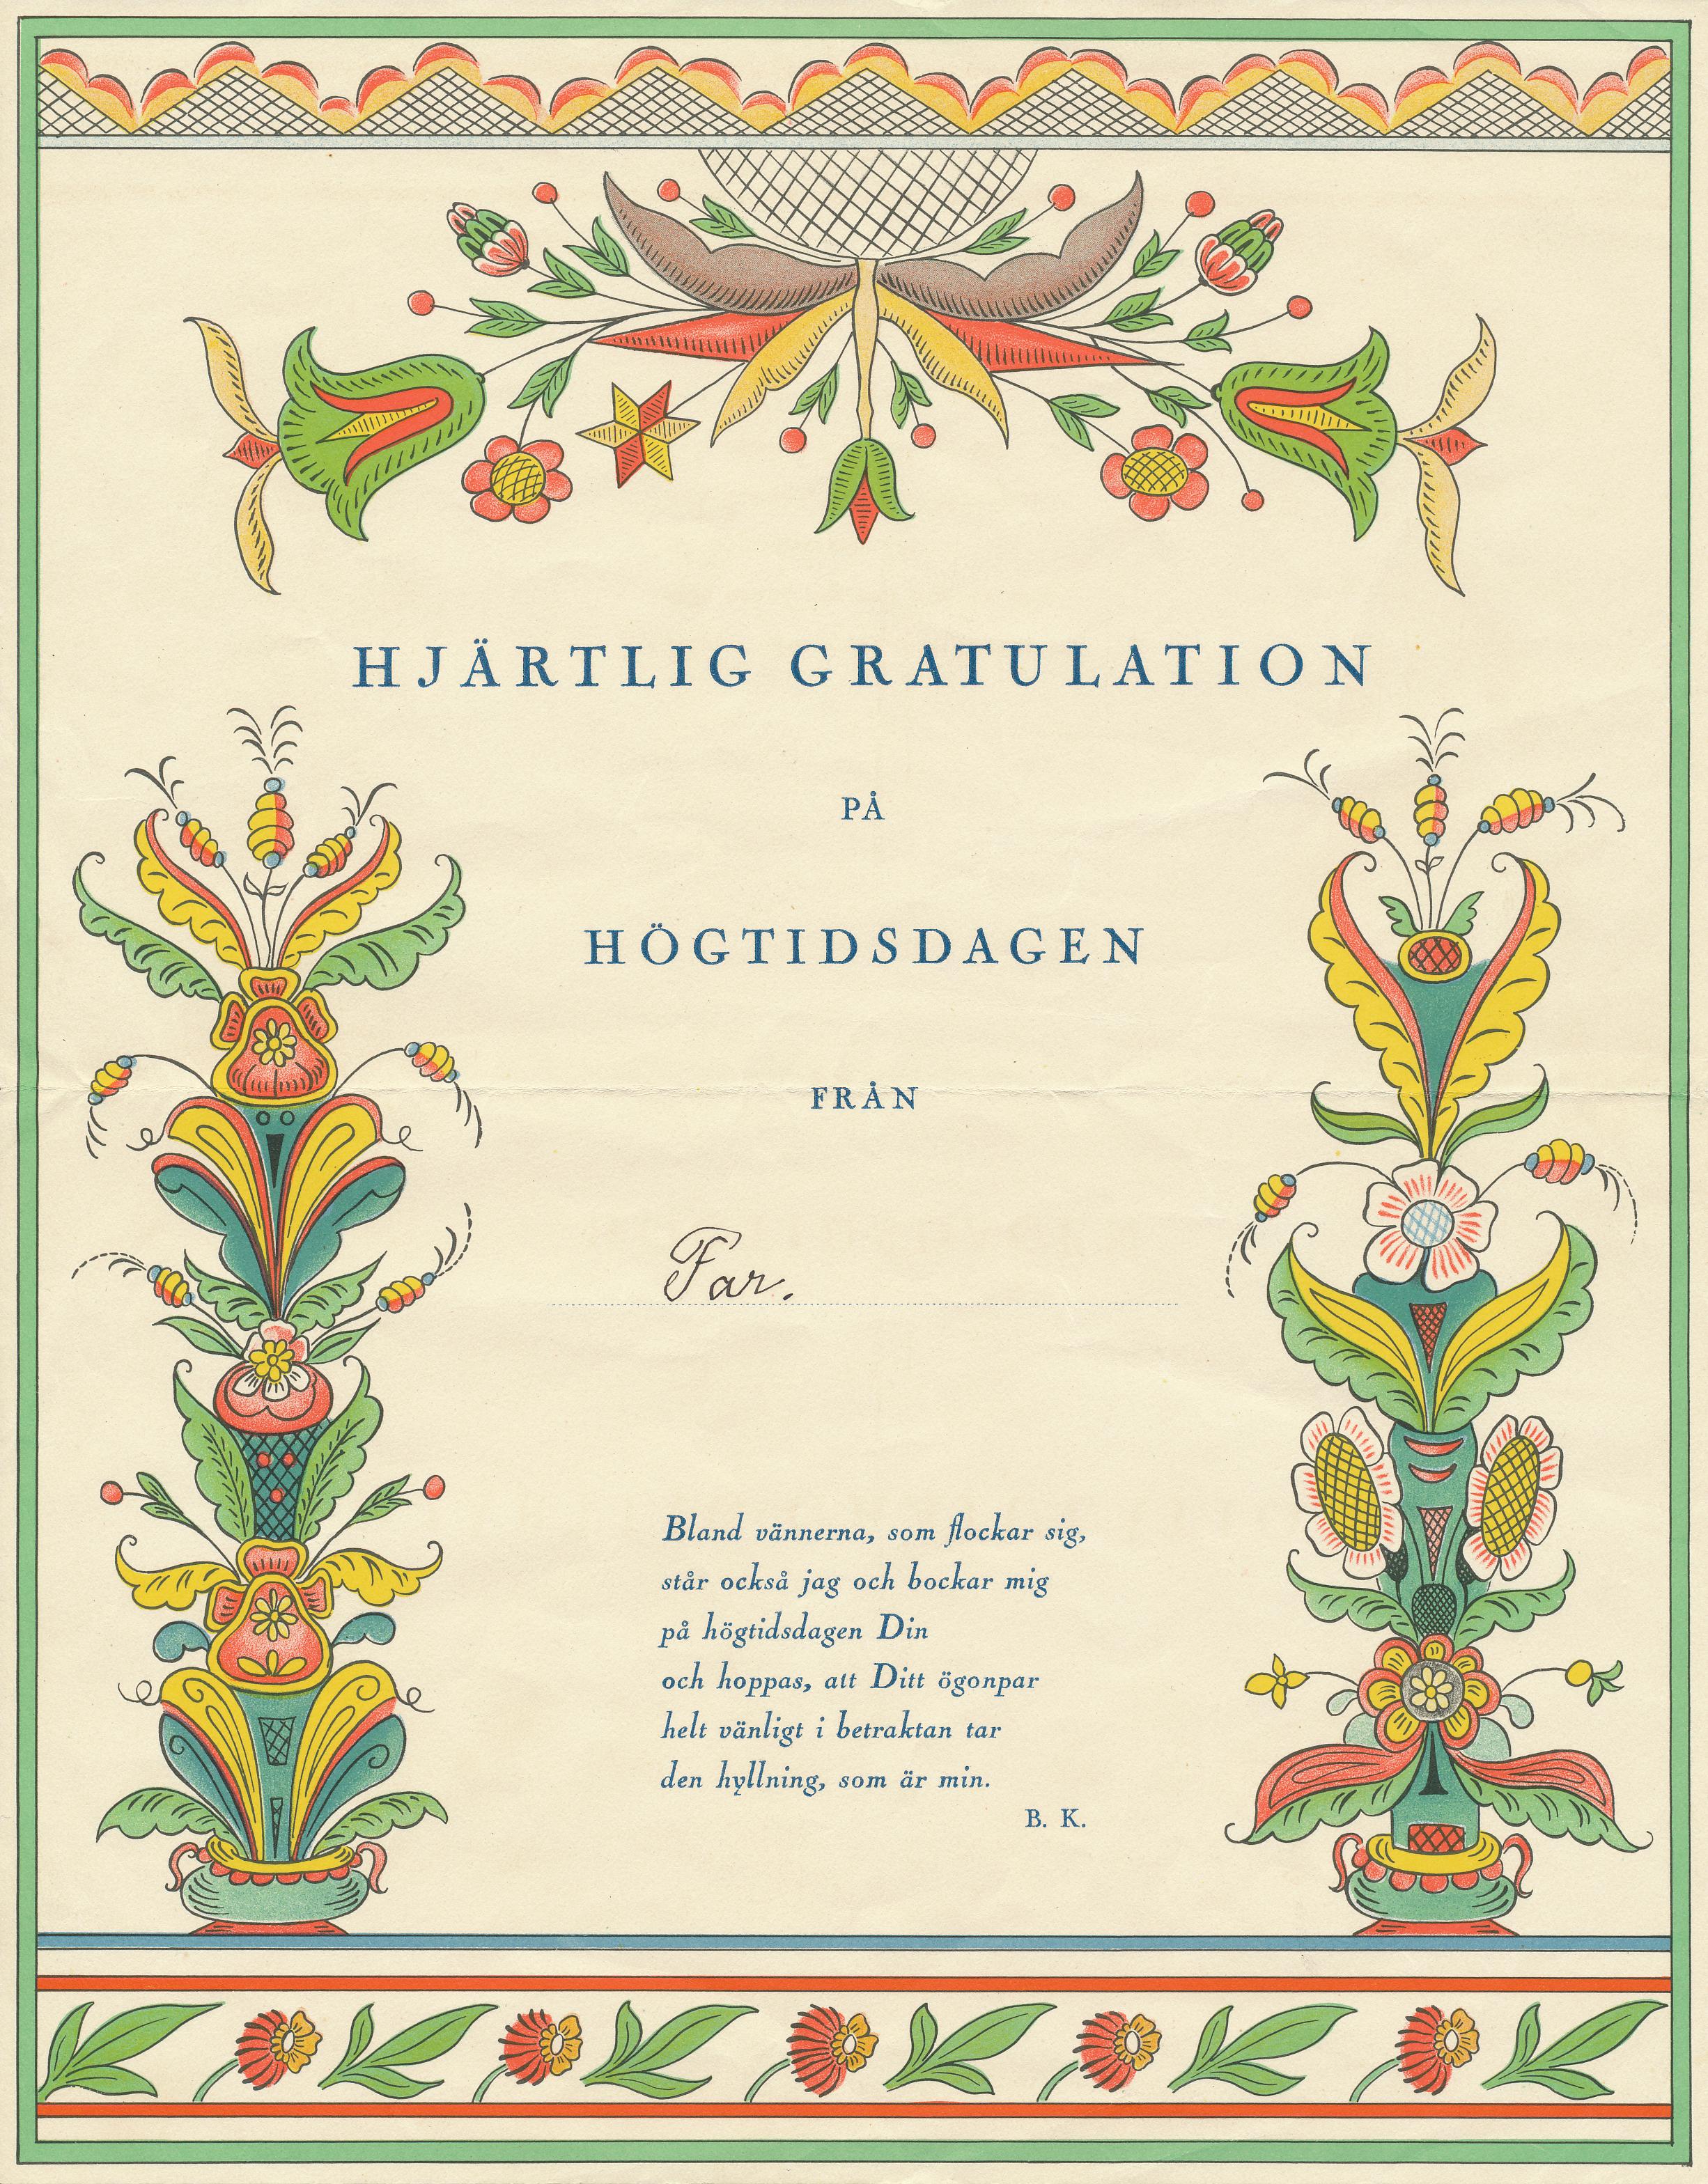 eva-norin-emil-spring-bröllopstelegram-från-far